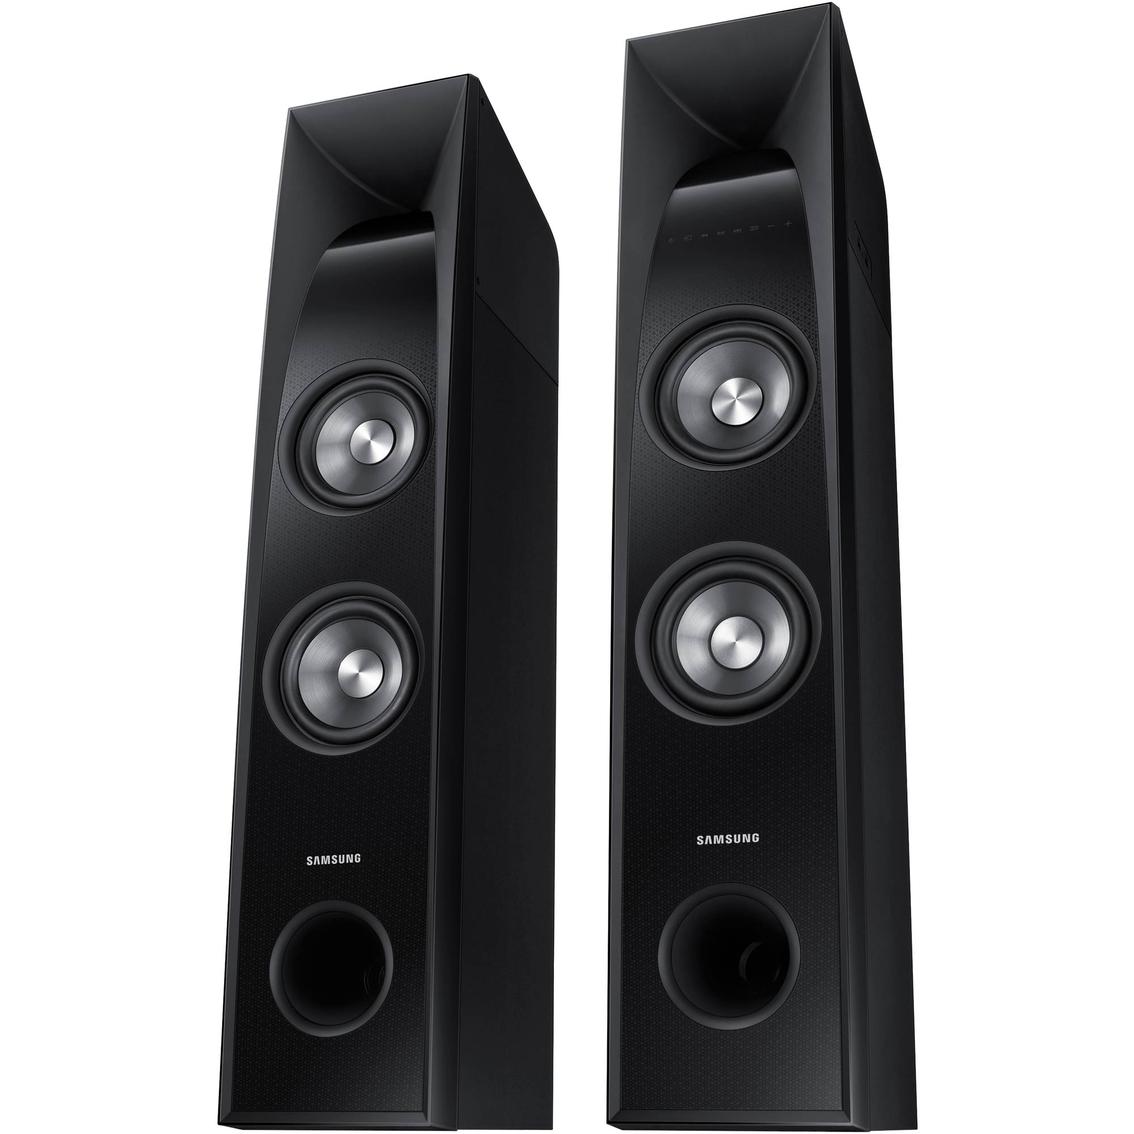 Samsung Sound Tower Speaker System